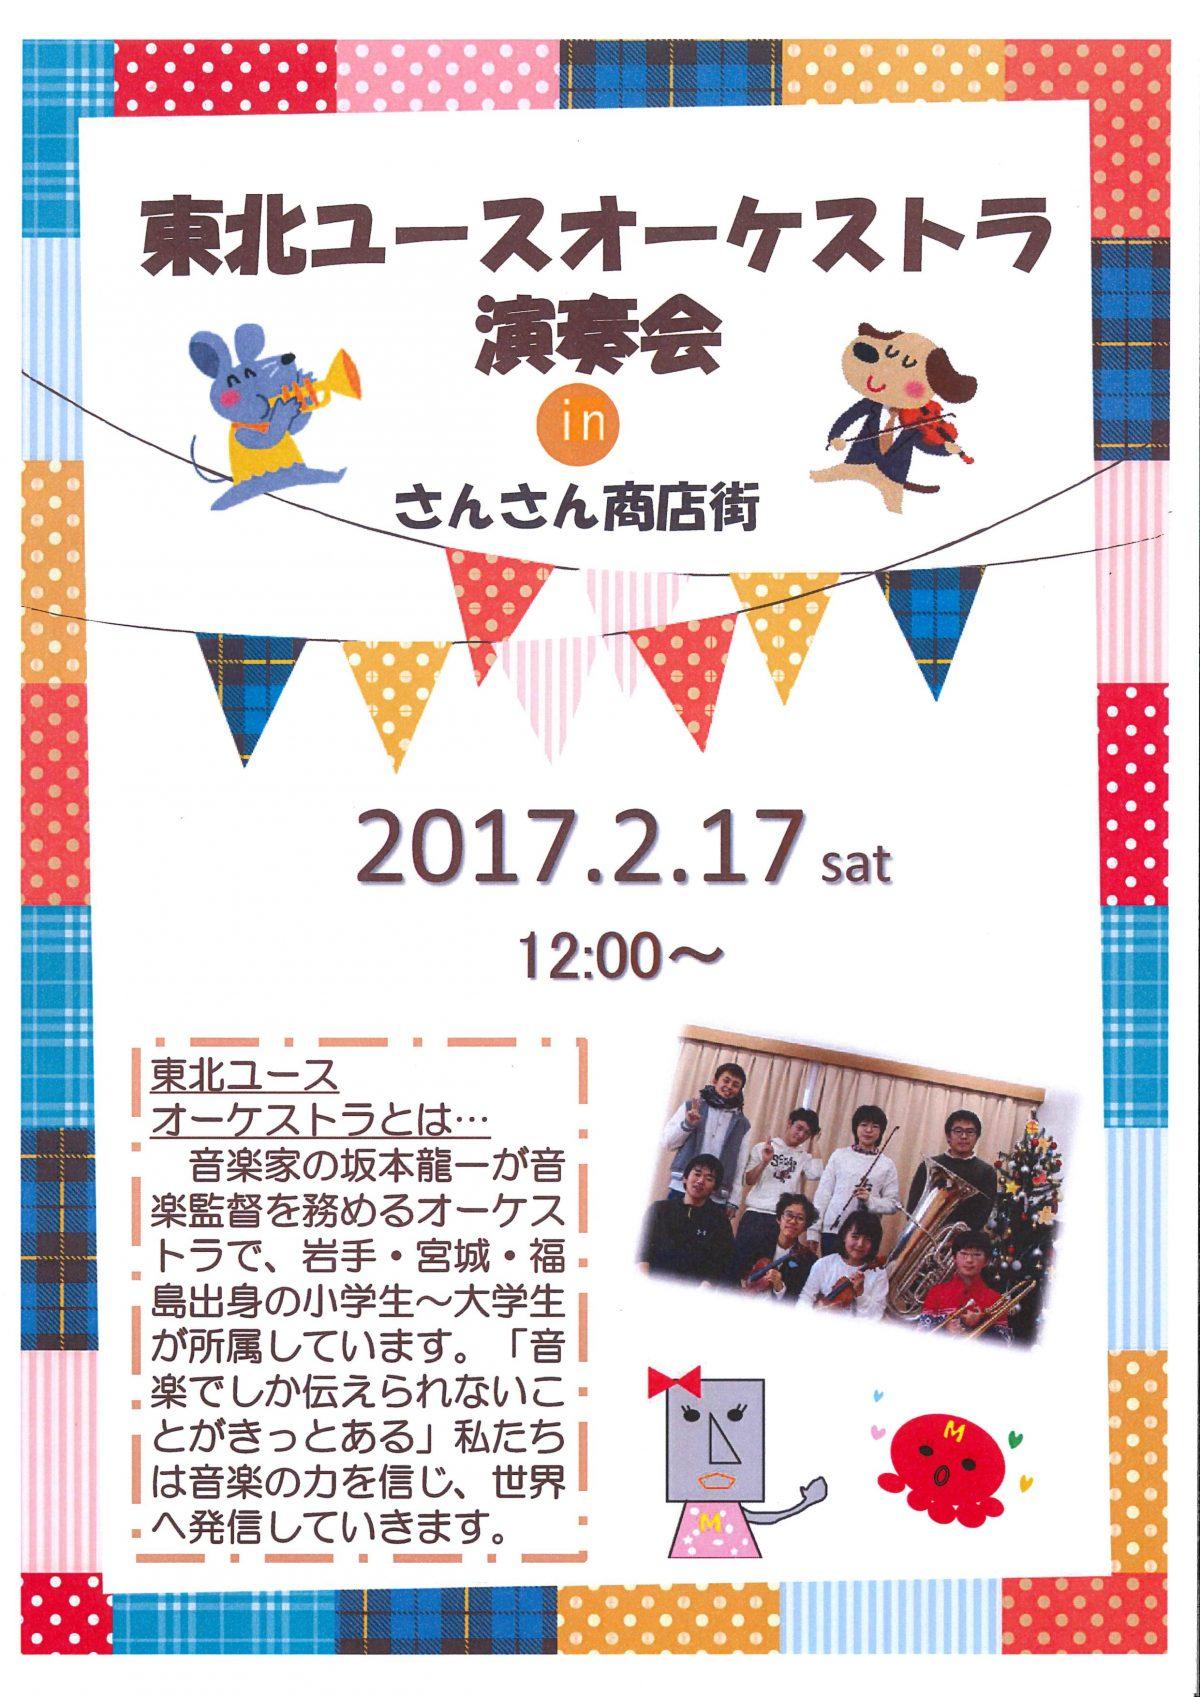 今週末2月17日(土)のイベントについて!